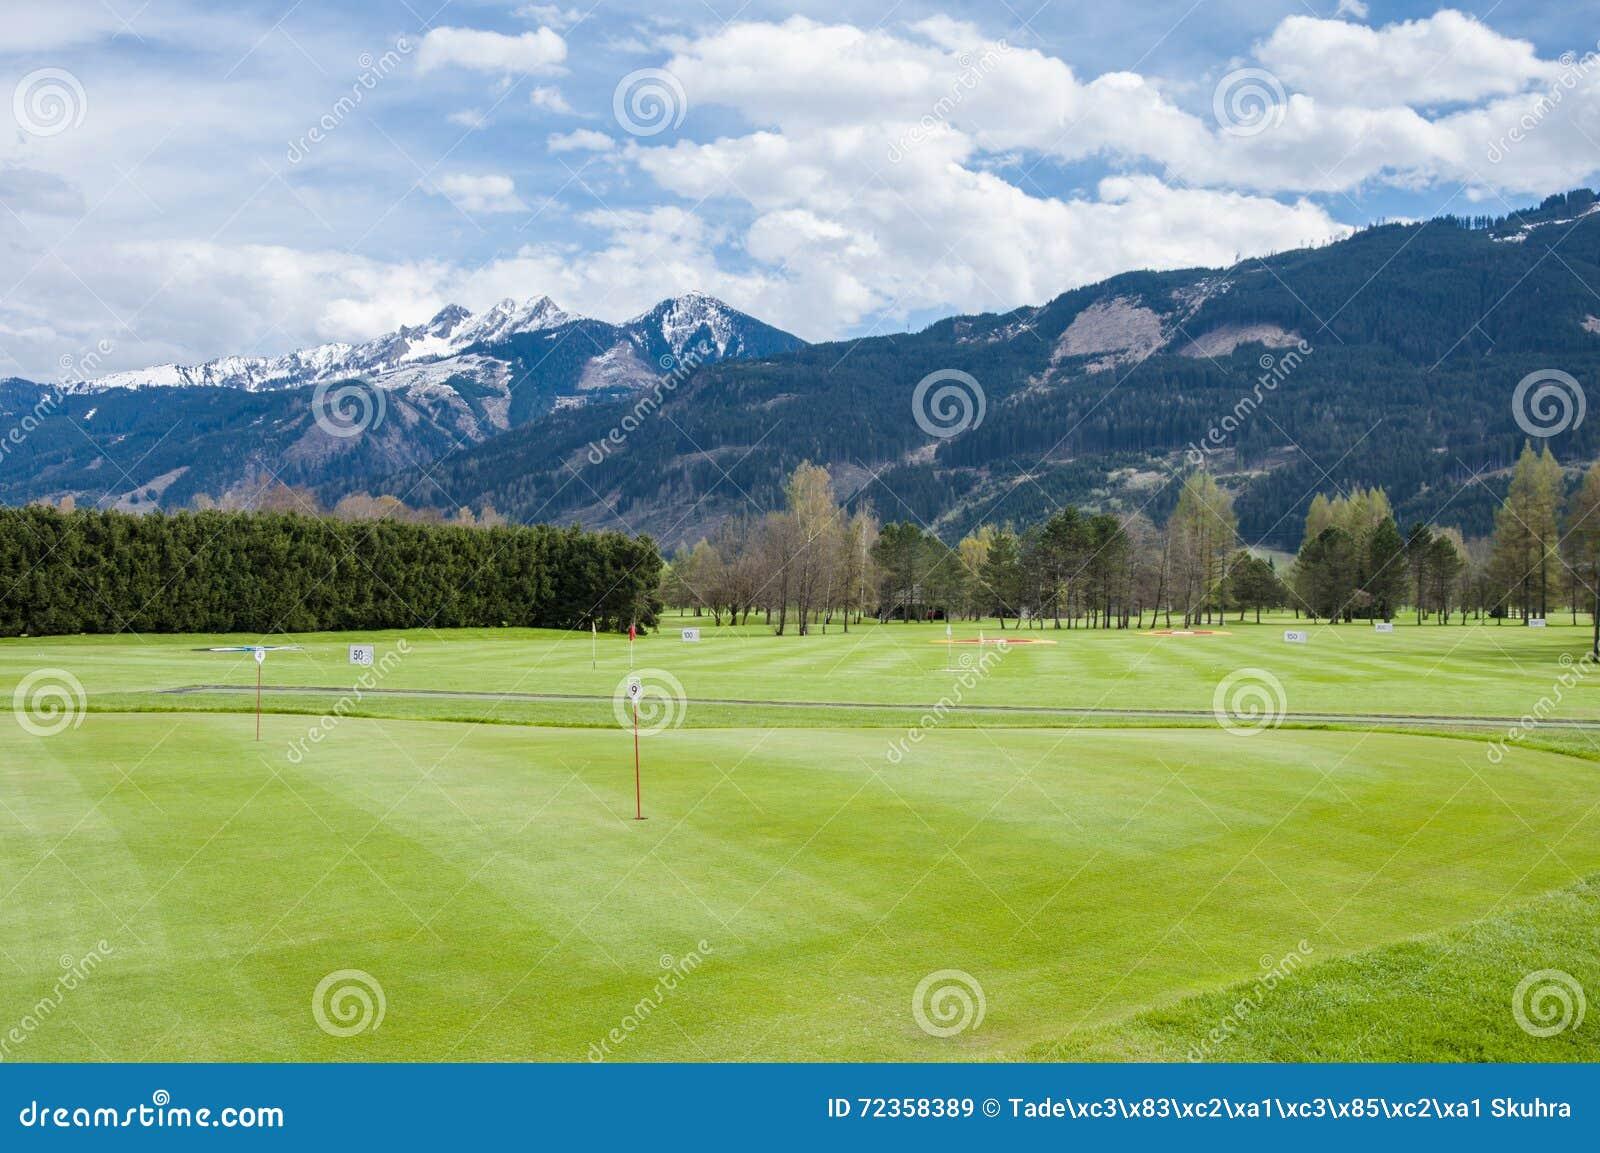 Terrain de golf avec des joueurs